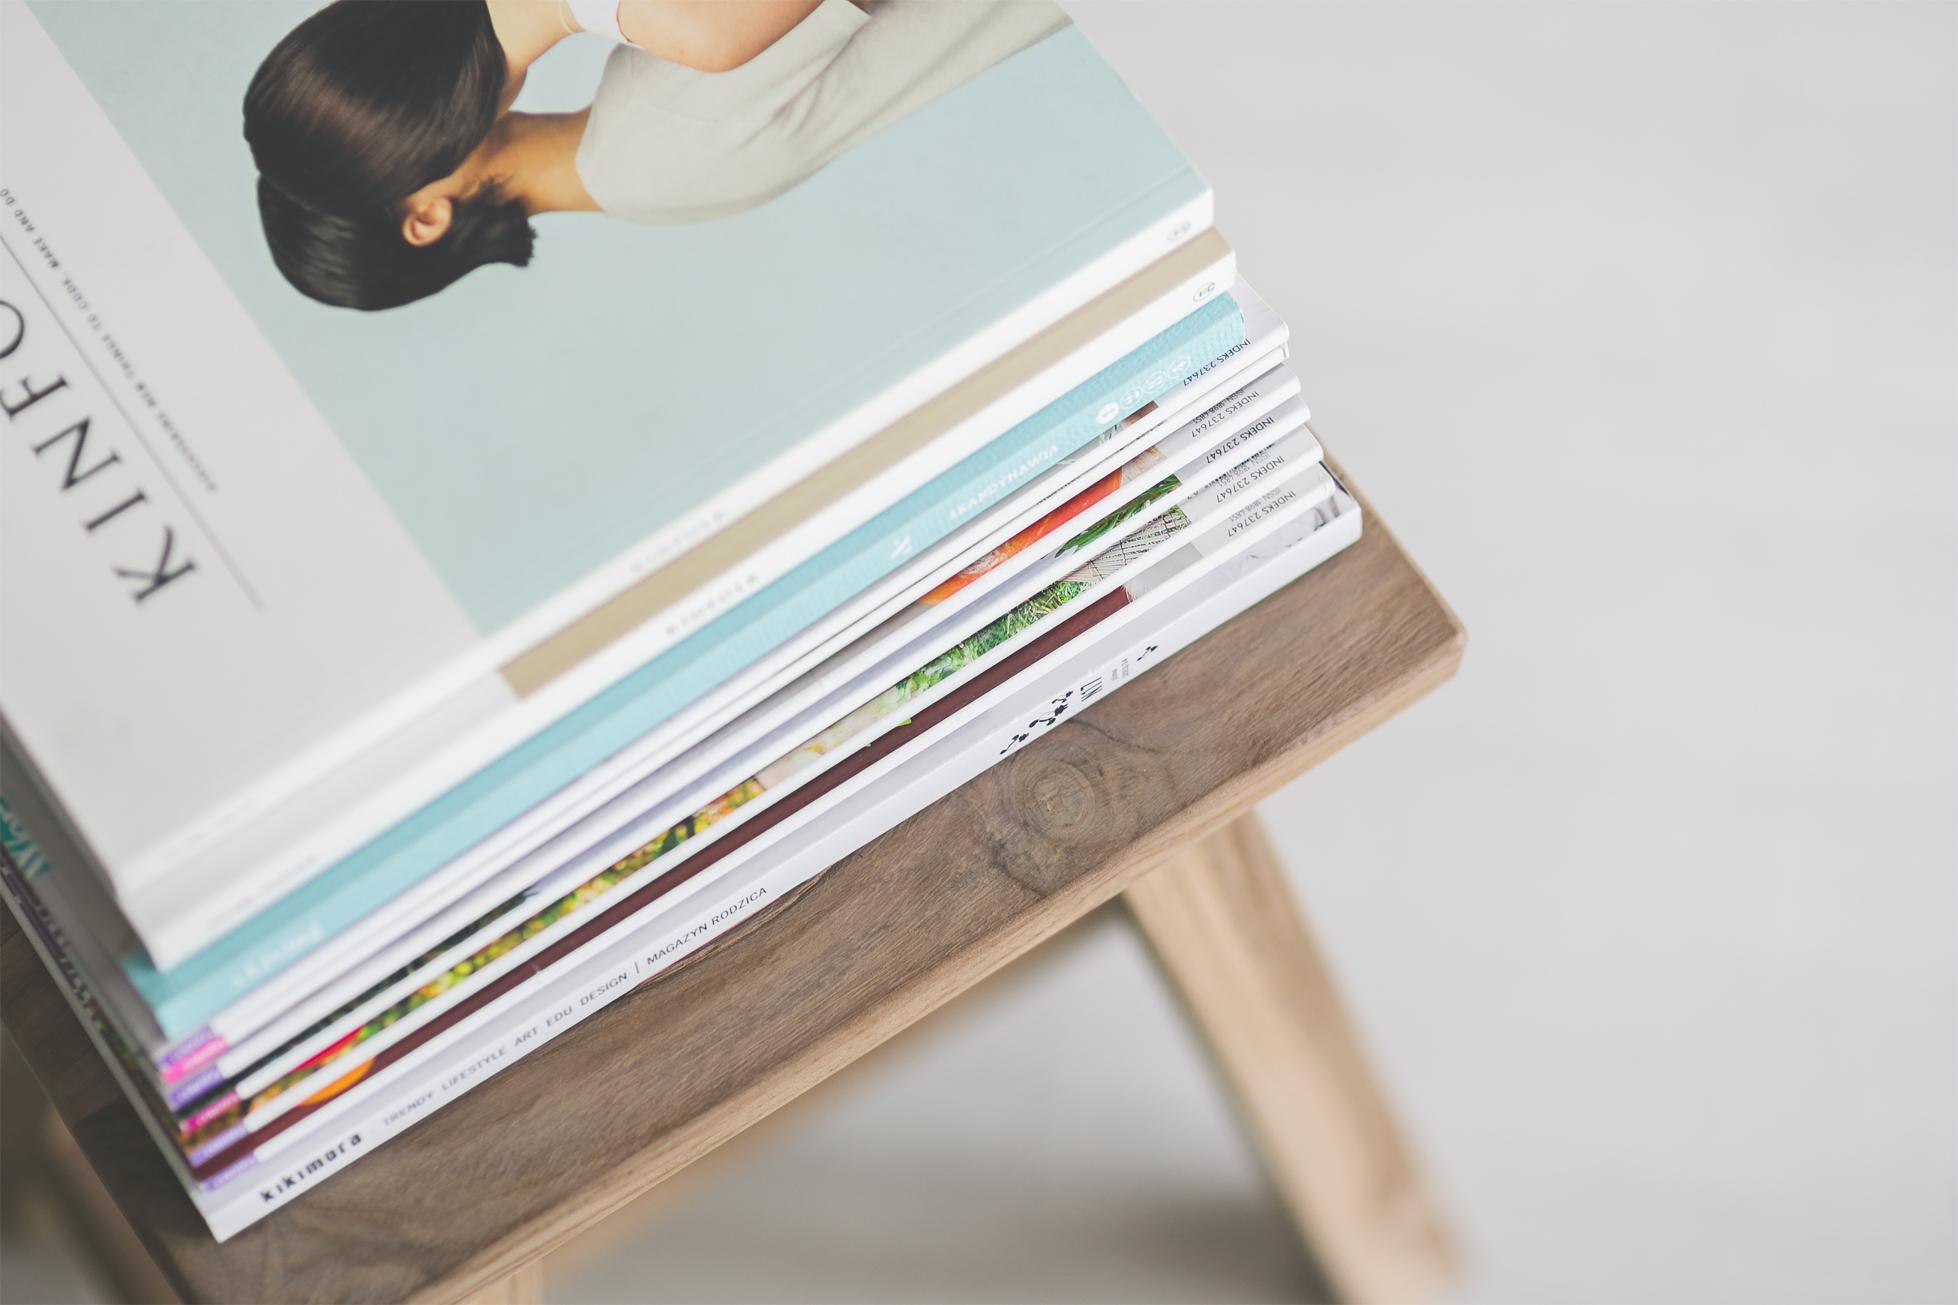 【商品無料提供します】当ストアの商品を雑誌/Web等のメディアやイベントで利用してくださる方募集!